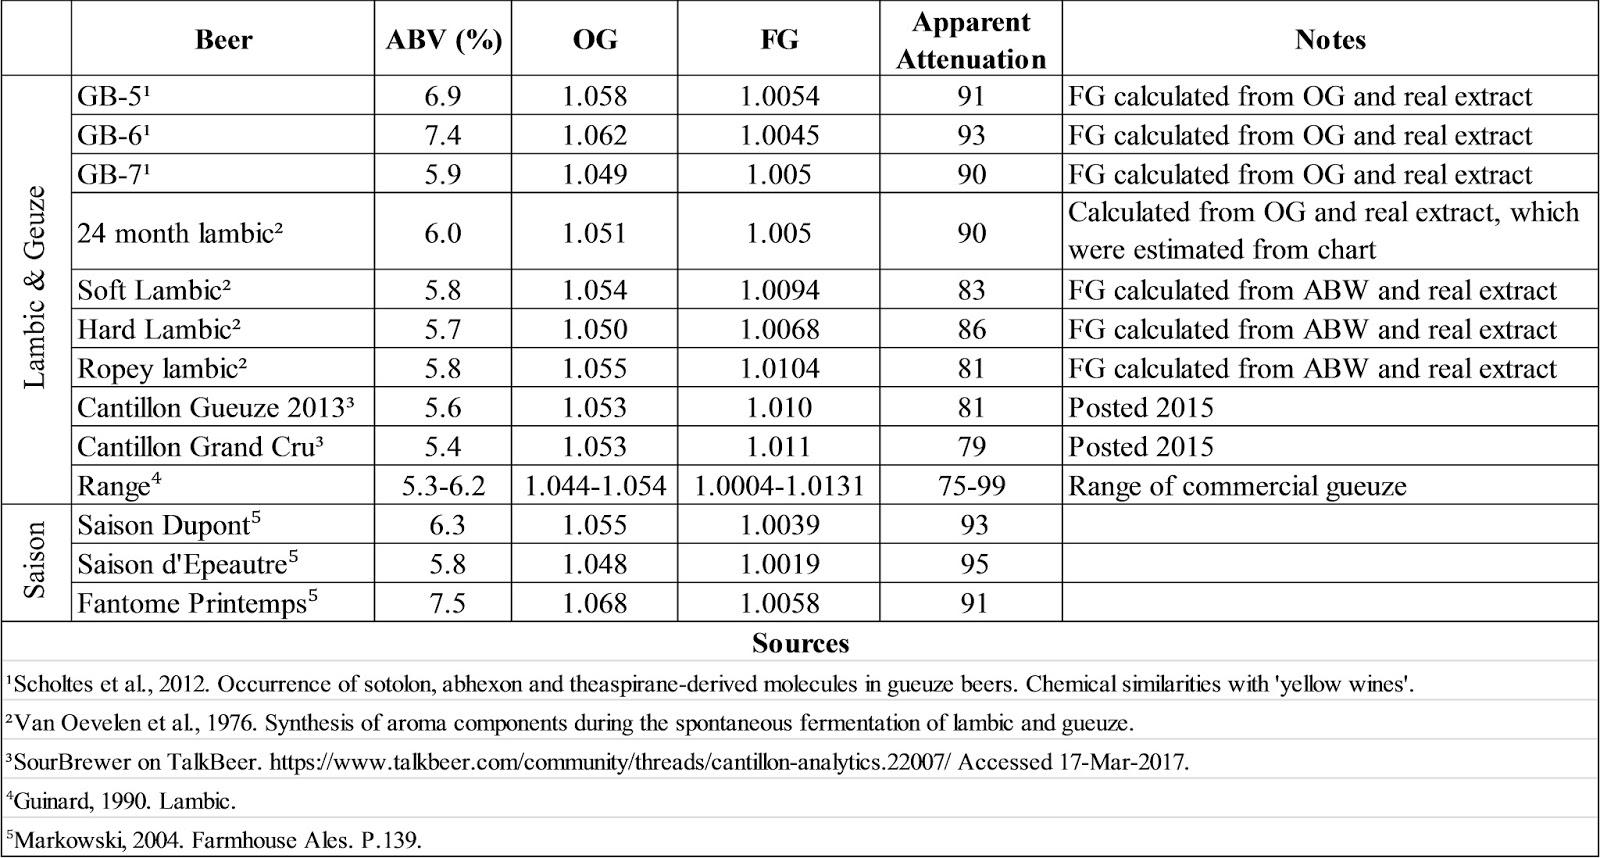 Плотность и степень сбраживаемости некоторых ламбиков, гёзов и сэзонов